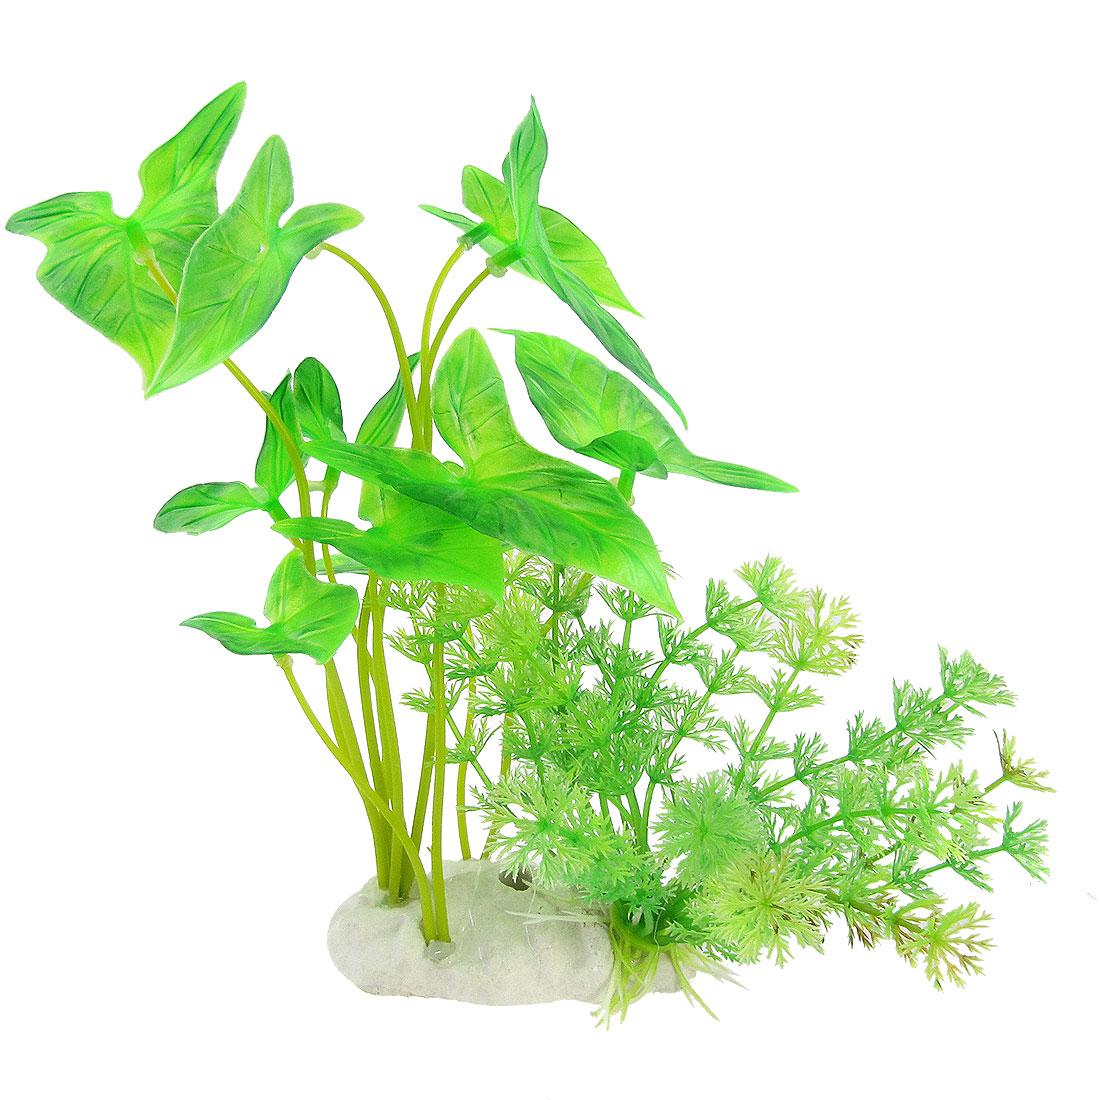 """Ceramic Base Green Leaves 7.8"""" Plastic Plant Decoration for Aquarium"""